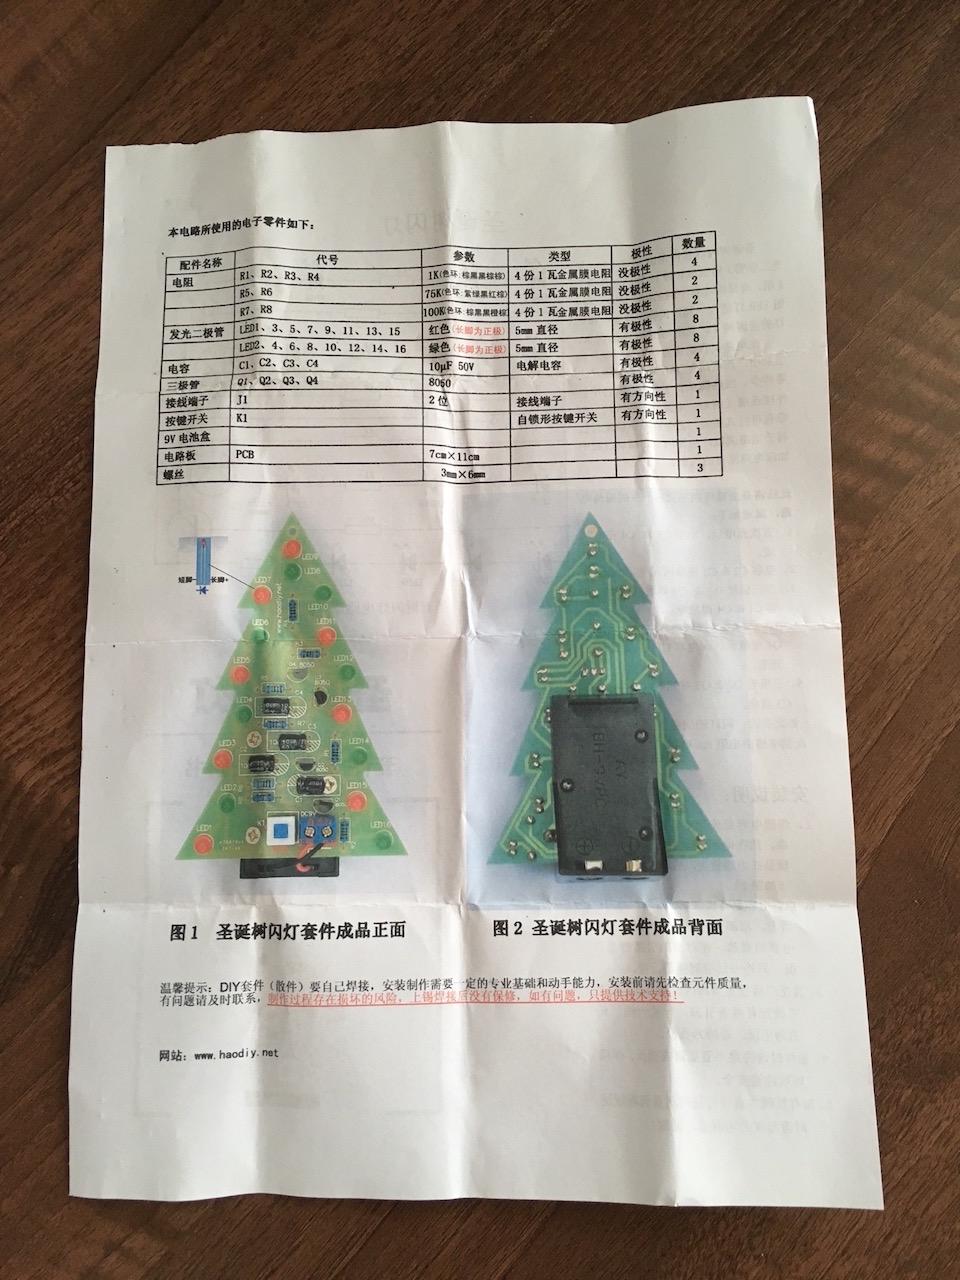 led christmas tree kit instructions